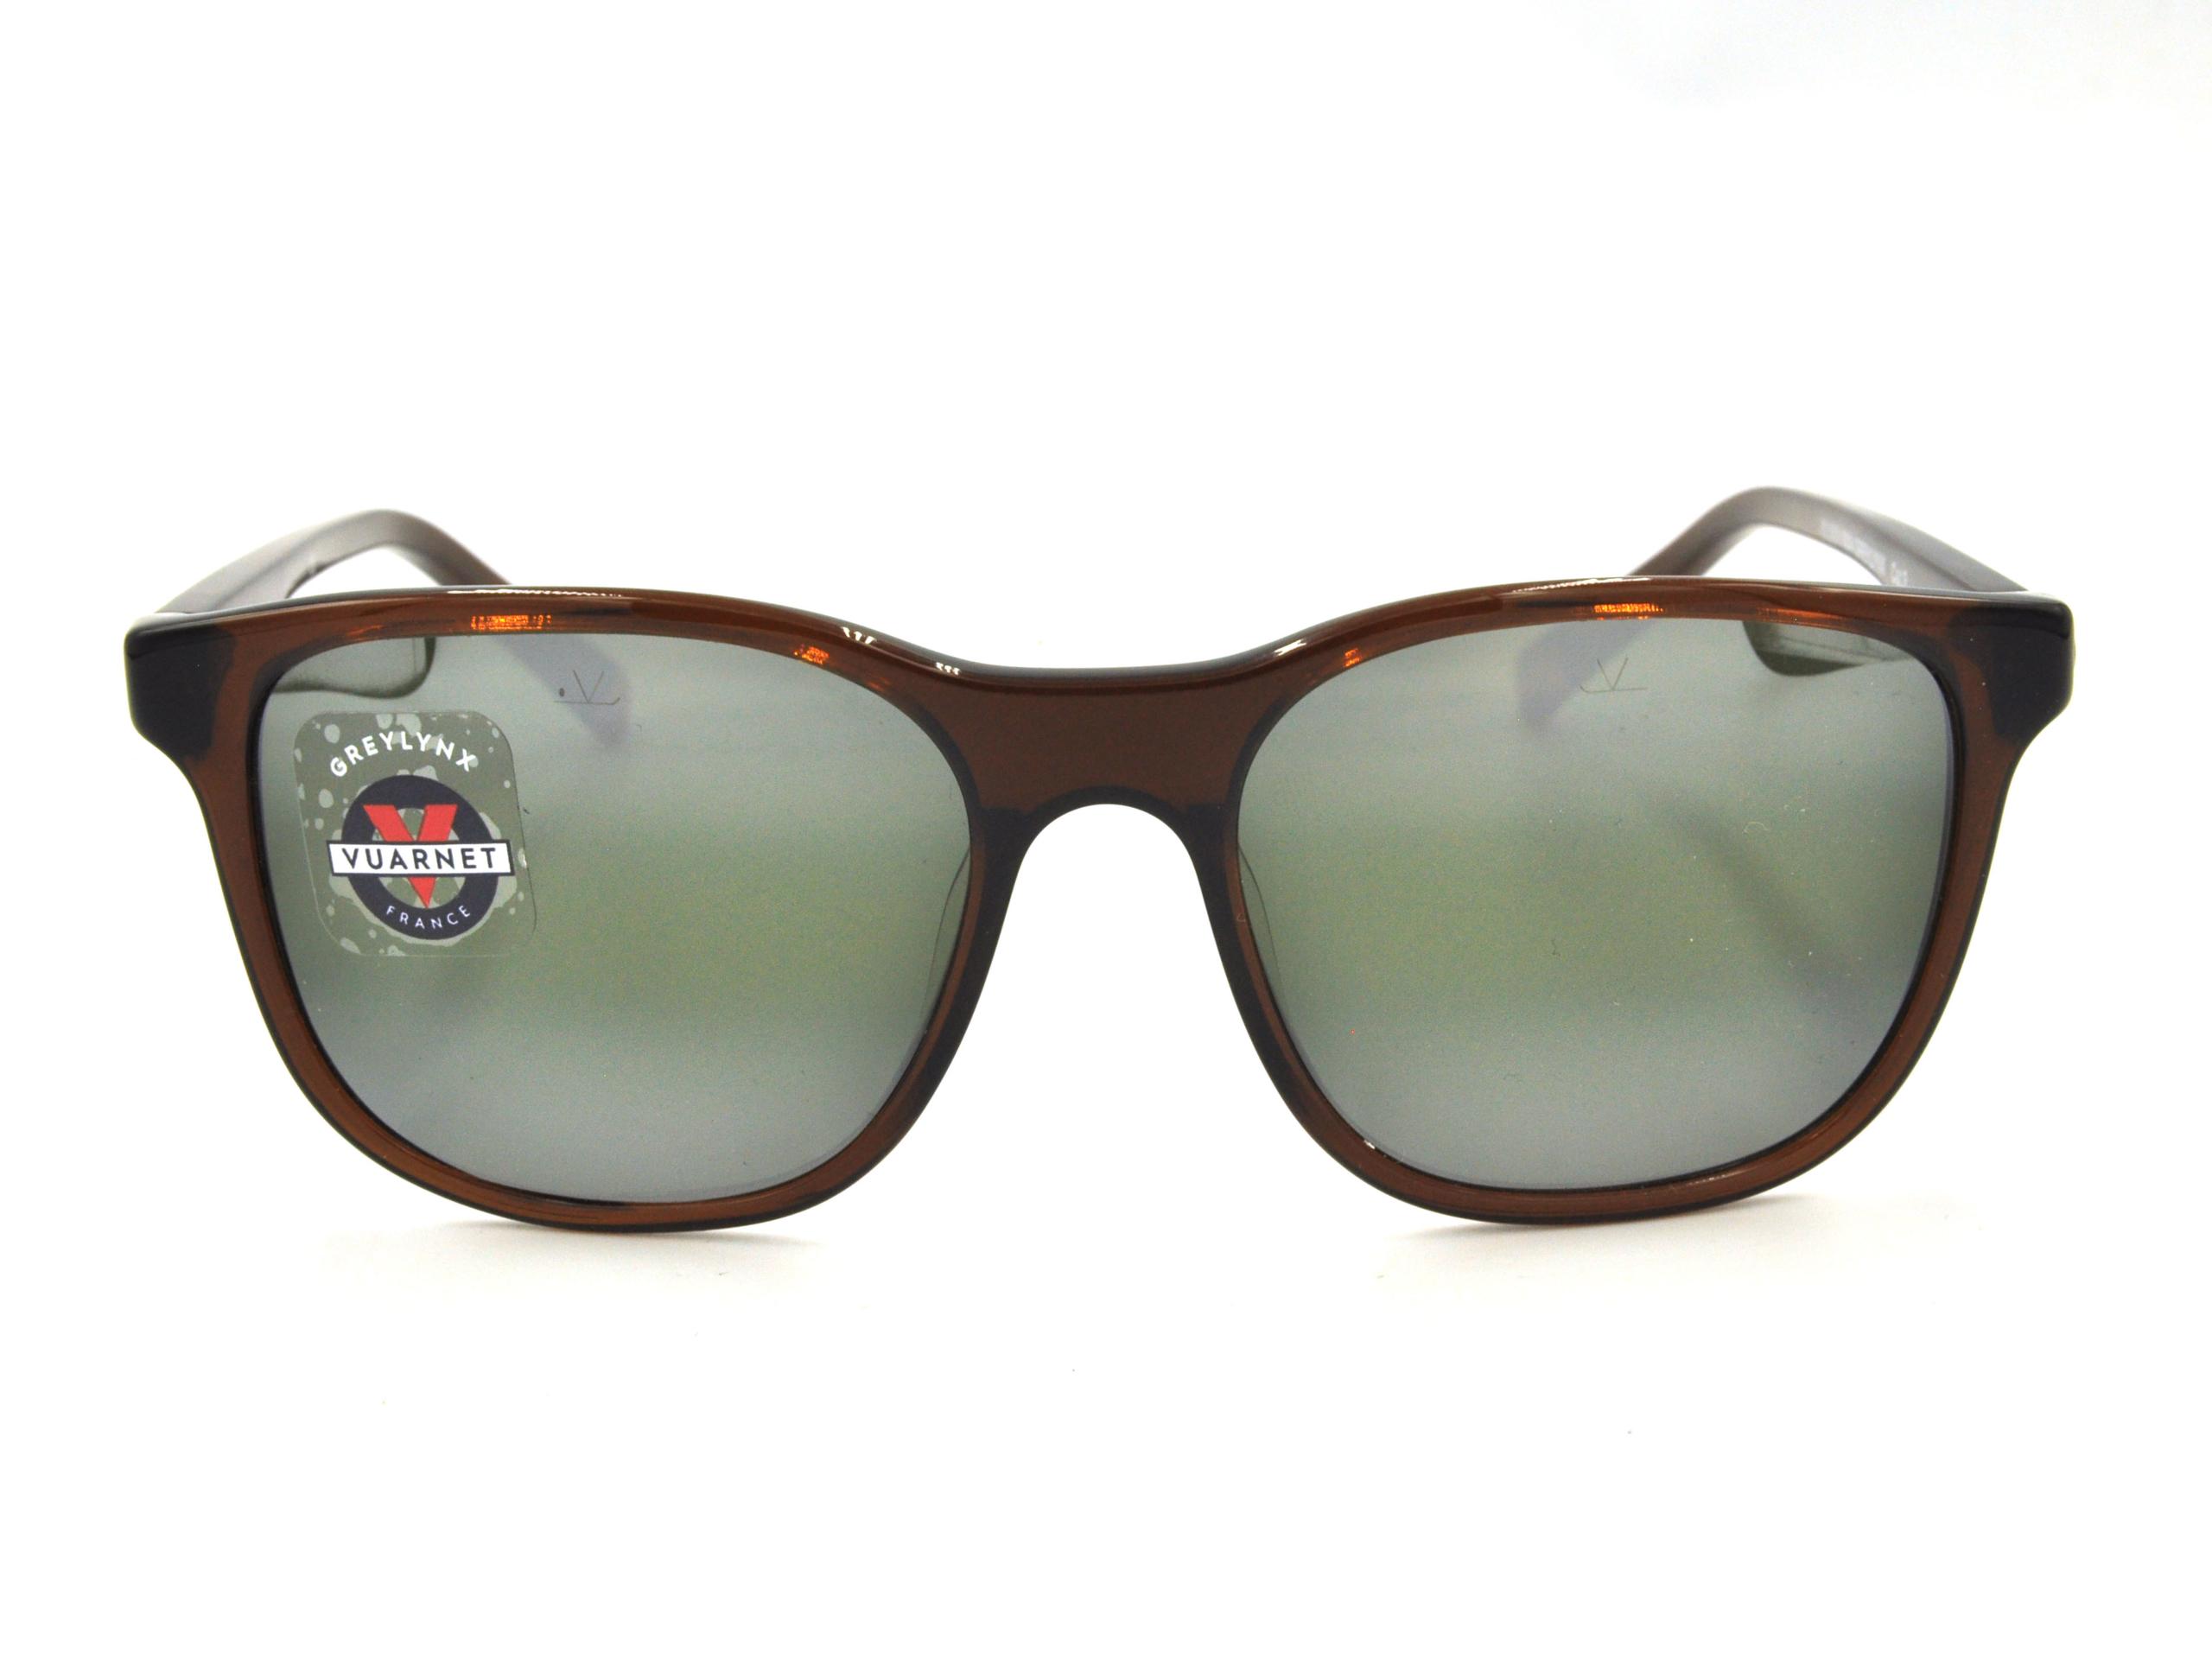 Γυαλιά ηλίου VUARNET VL1519 0004 Πειραιάς